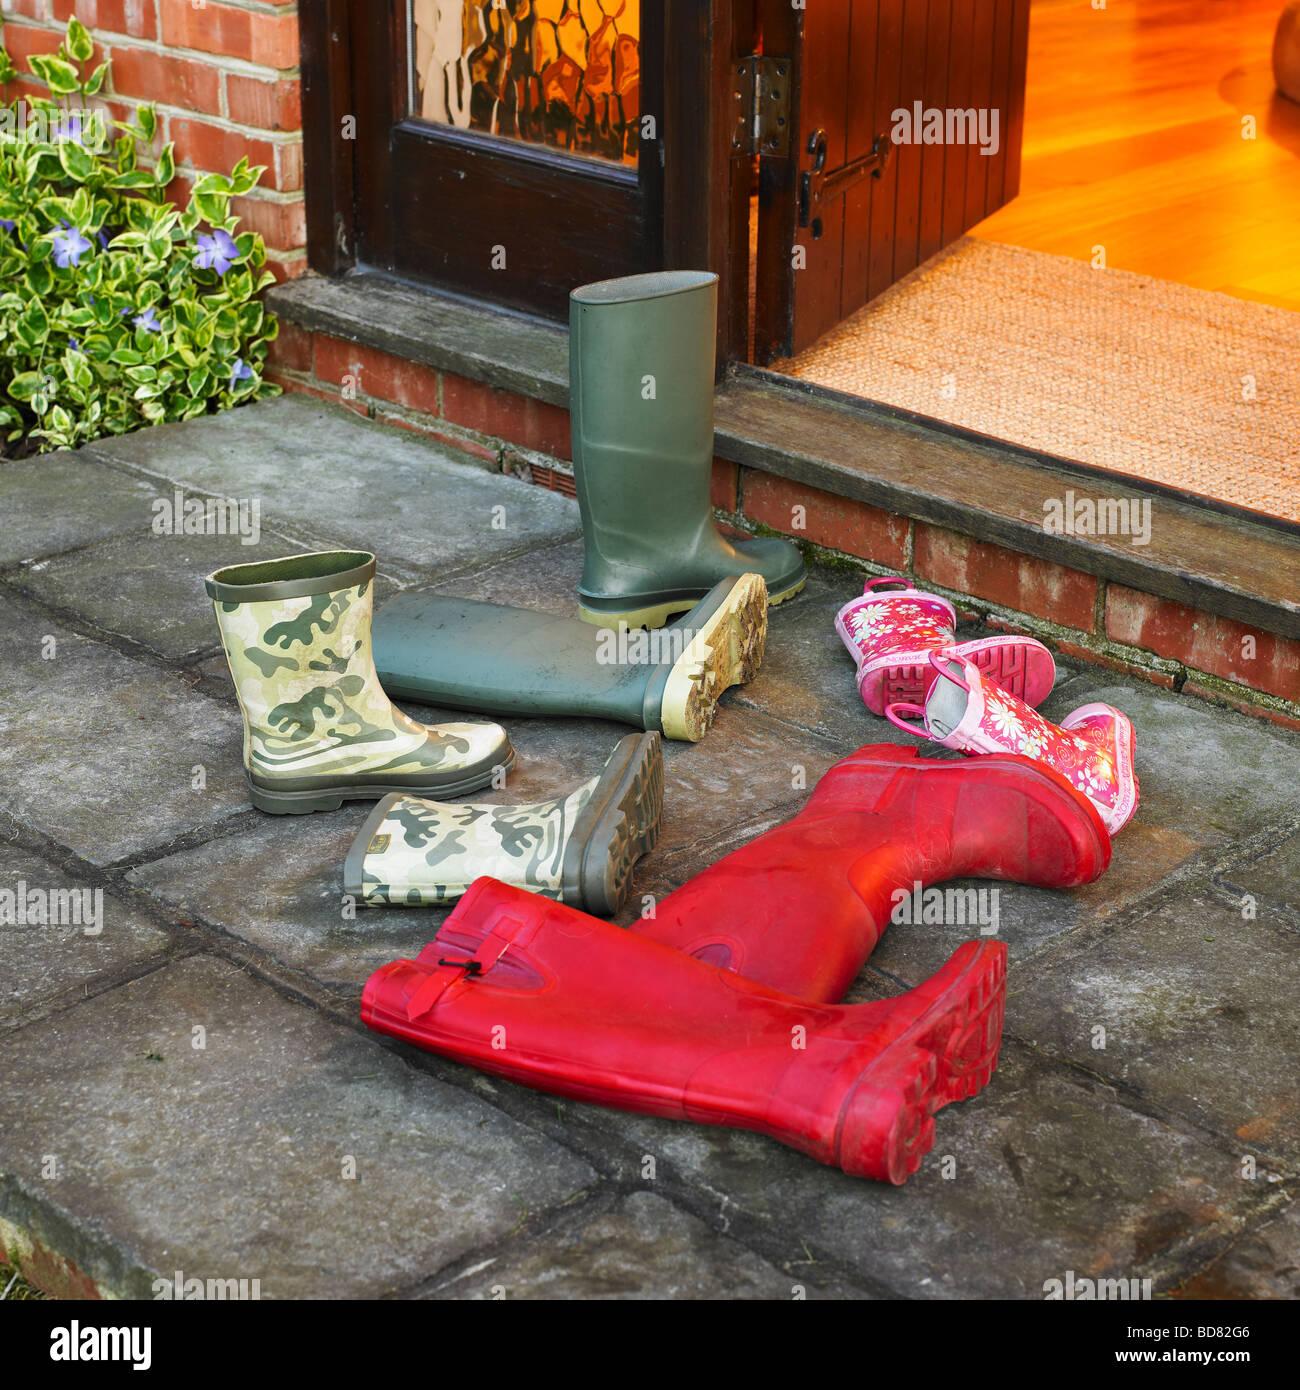 Las prisas por llegar a casa, una familia botas Wellington dejó fuera de la puerta delantera. Imagen De Stock